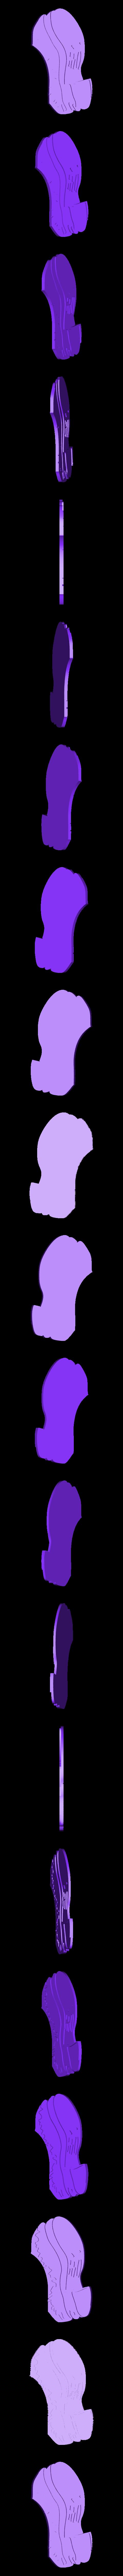 Lf_foot.stl Download free STL file Mr. Natural -  R Crumb • 3D printer object, JayOmega